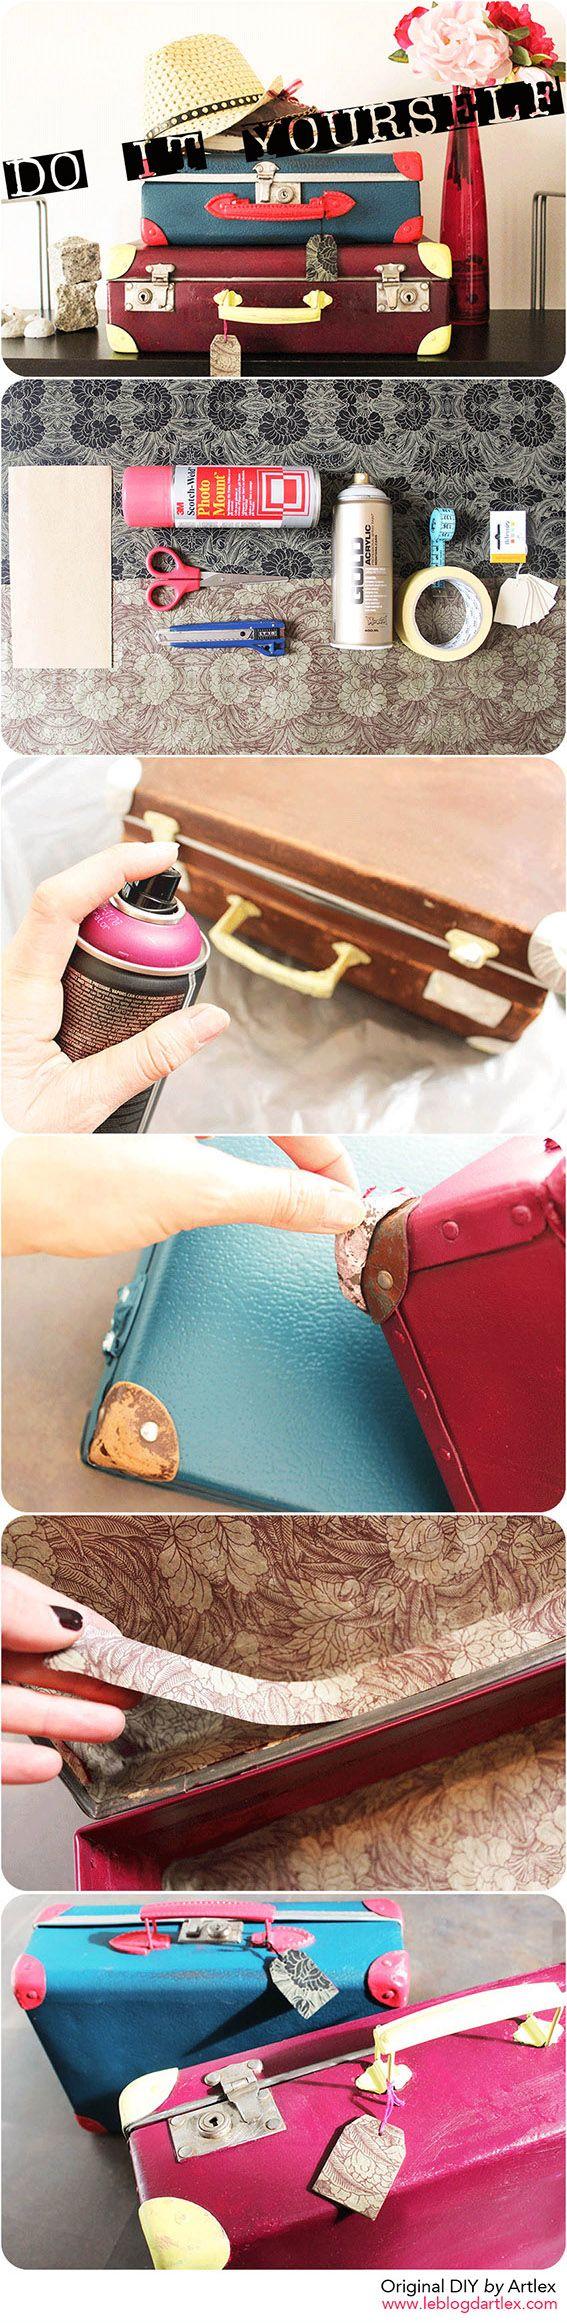 les 25 meilleures id es concernant valise d cor sur pinterest d cor vintage avec valises. Black Bedroom Furniture Sets. Home Design Ideas